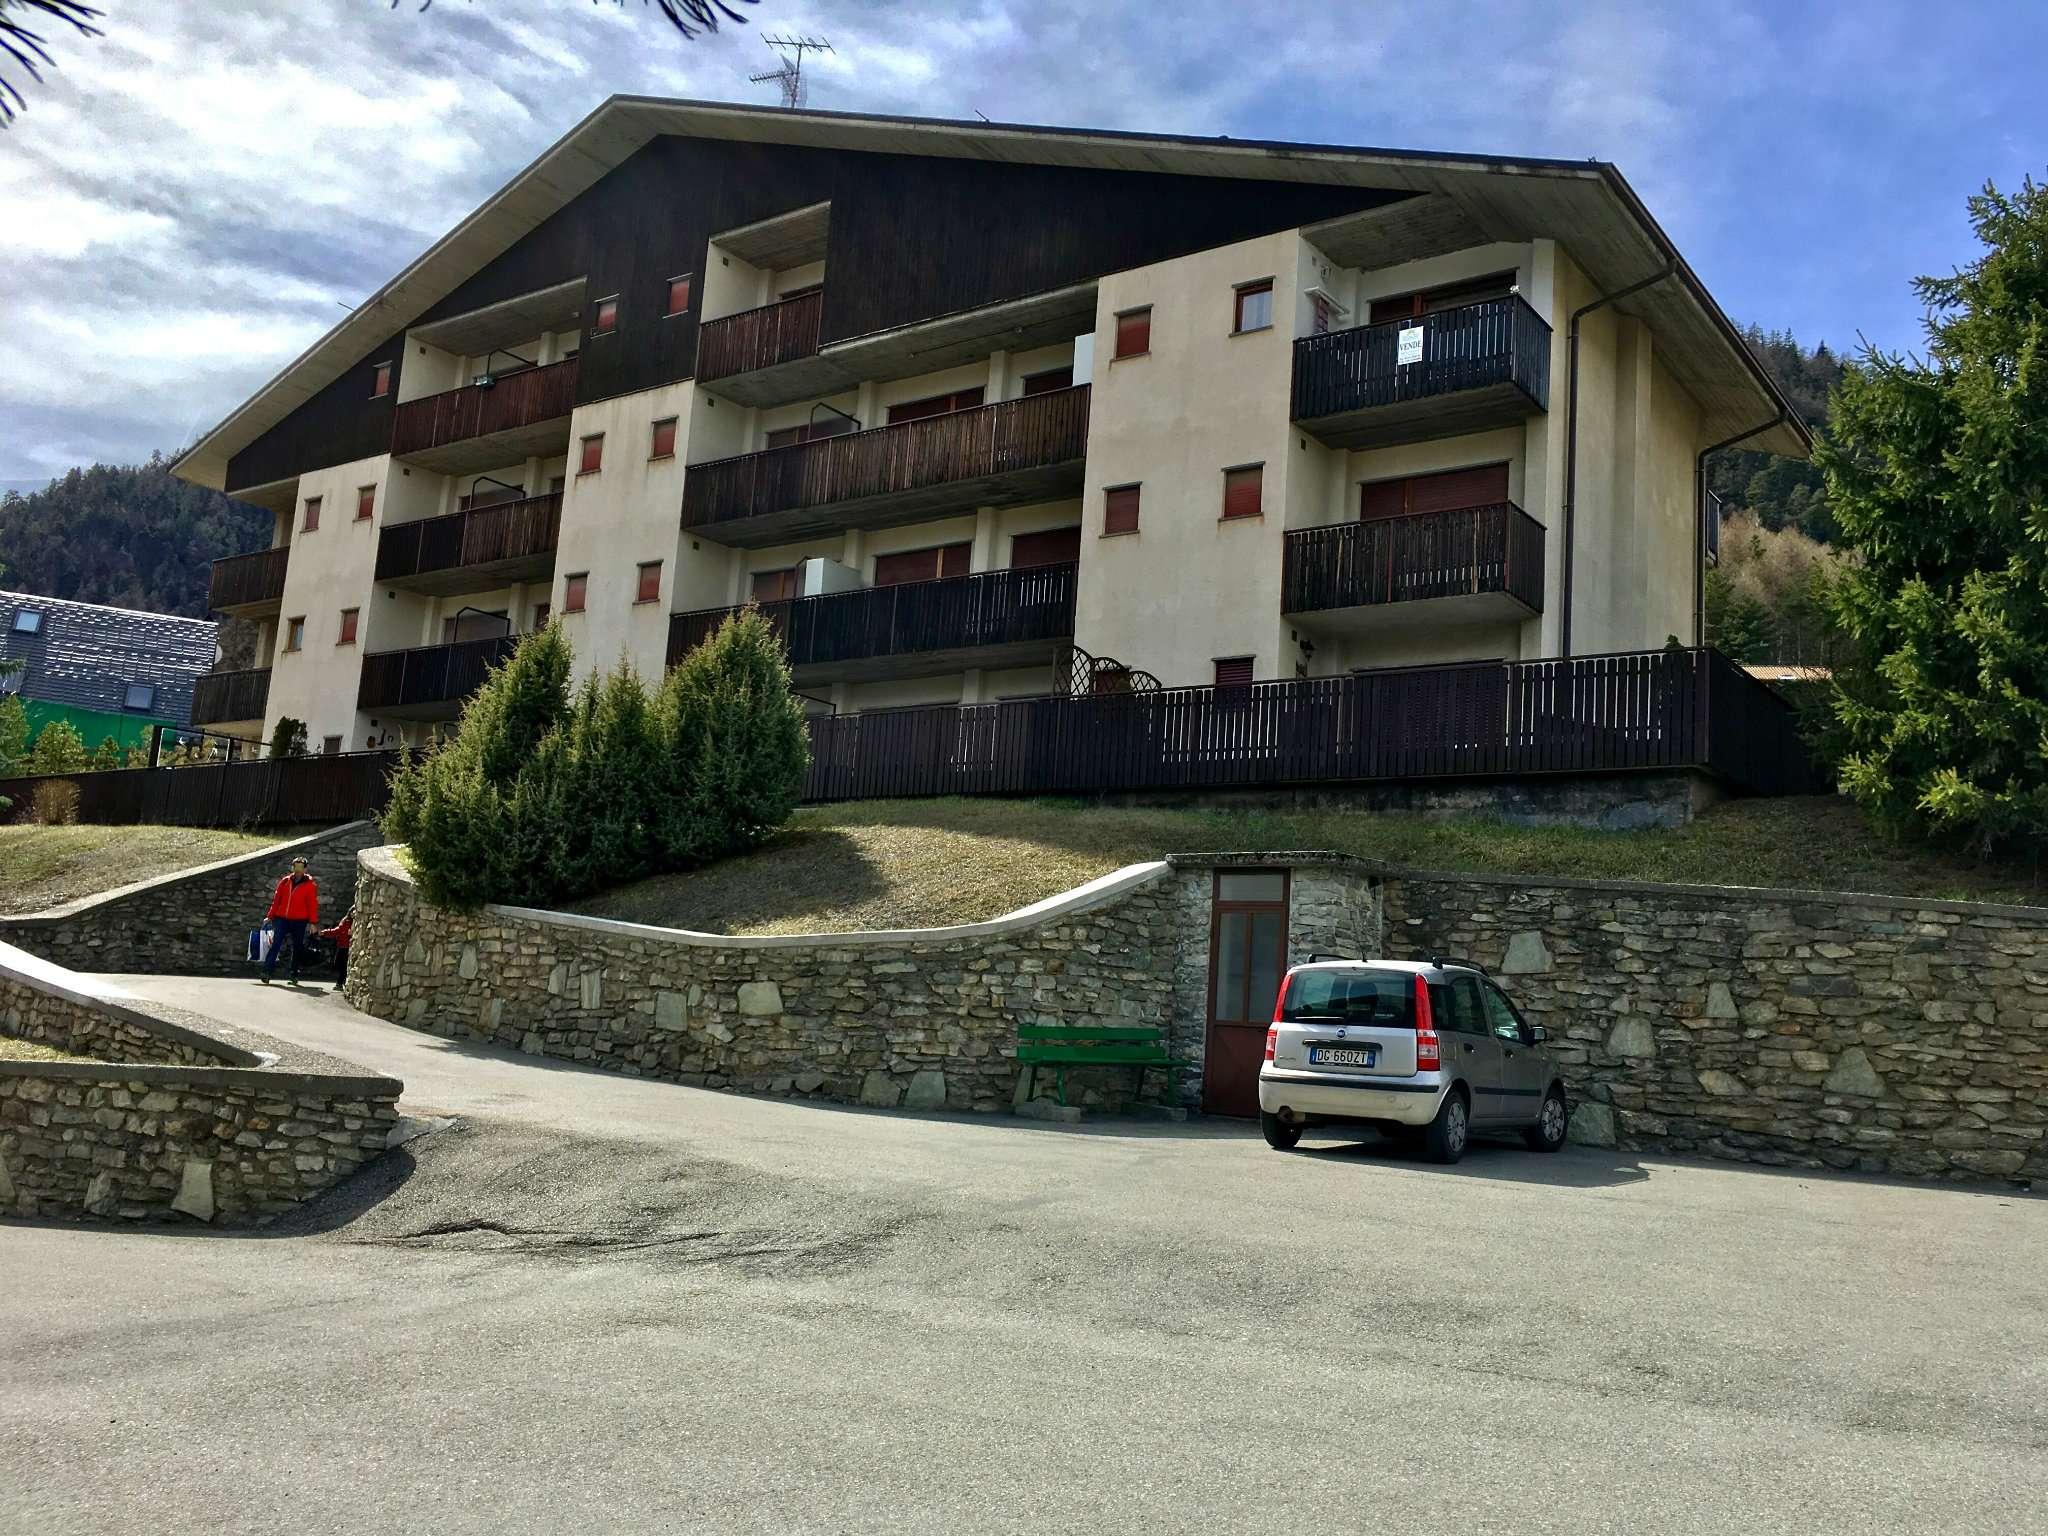 Appartamento in vendita a Oulx, 2 locali, prezzo € 110.000 | CambioCasa.it